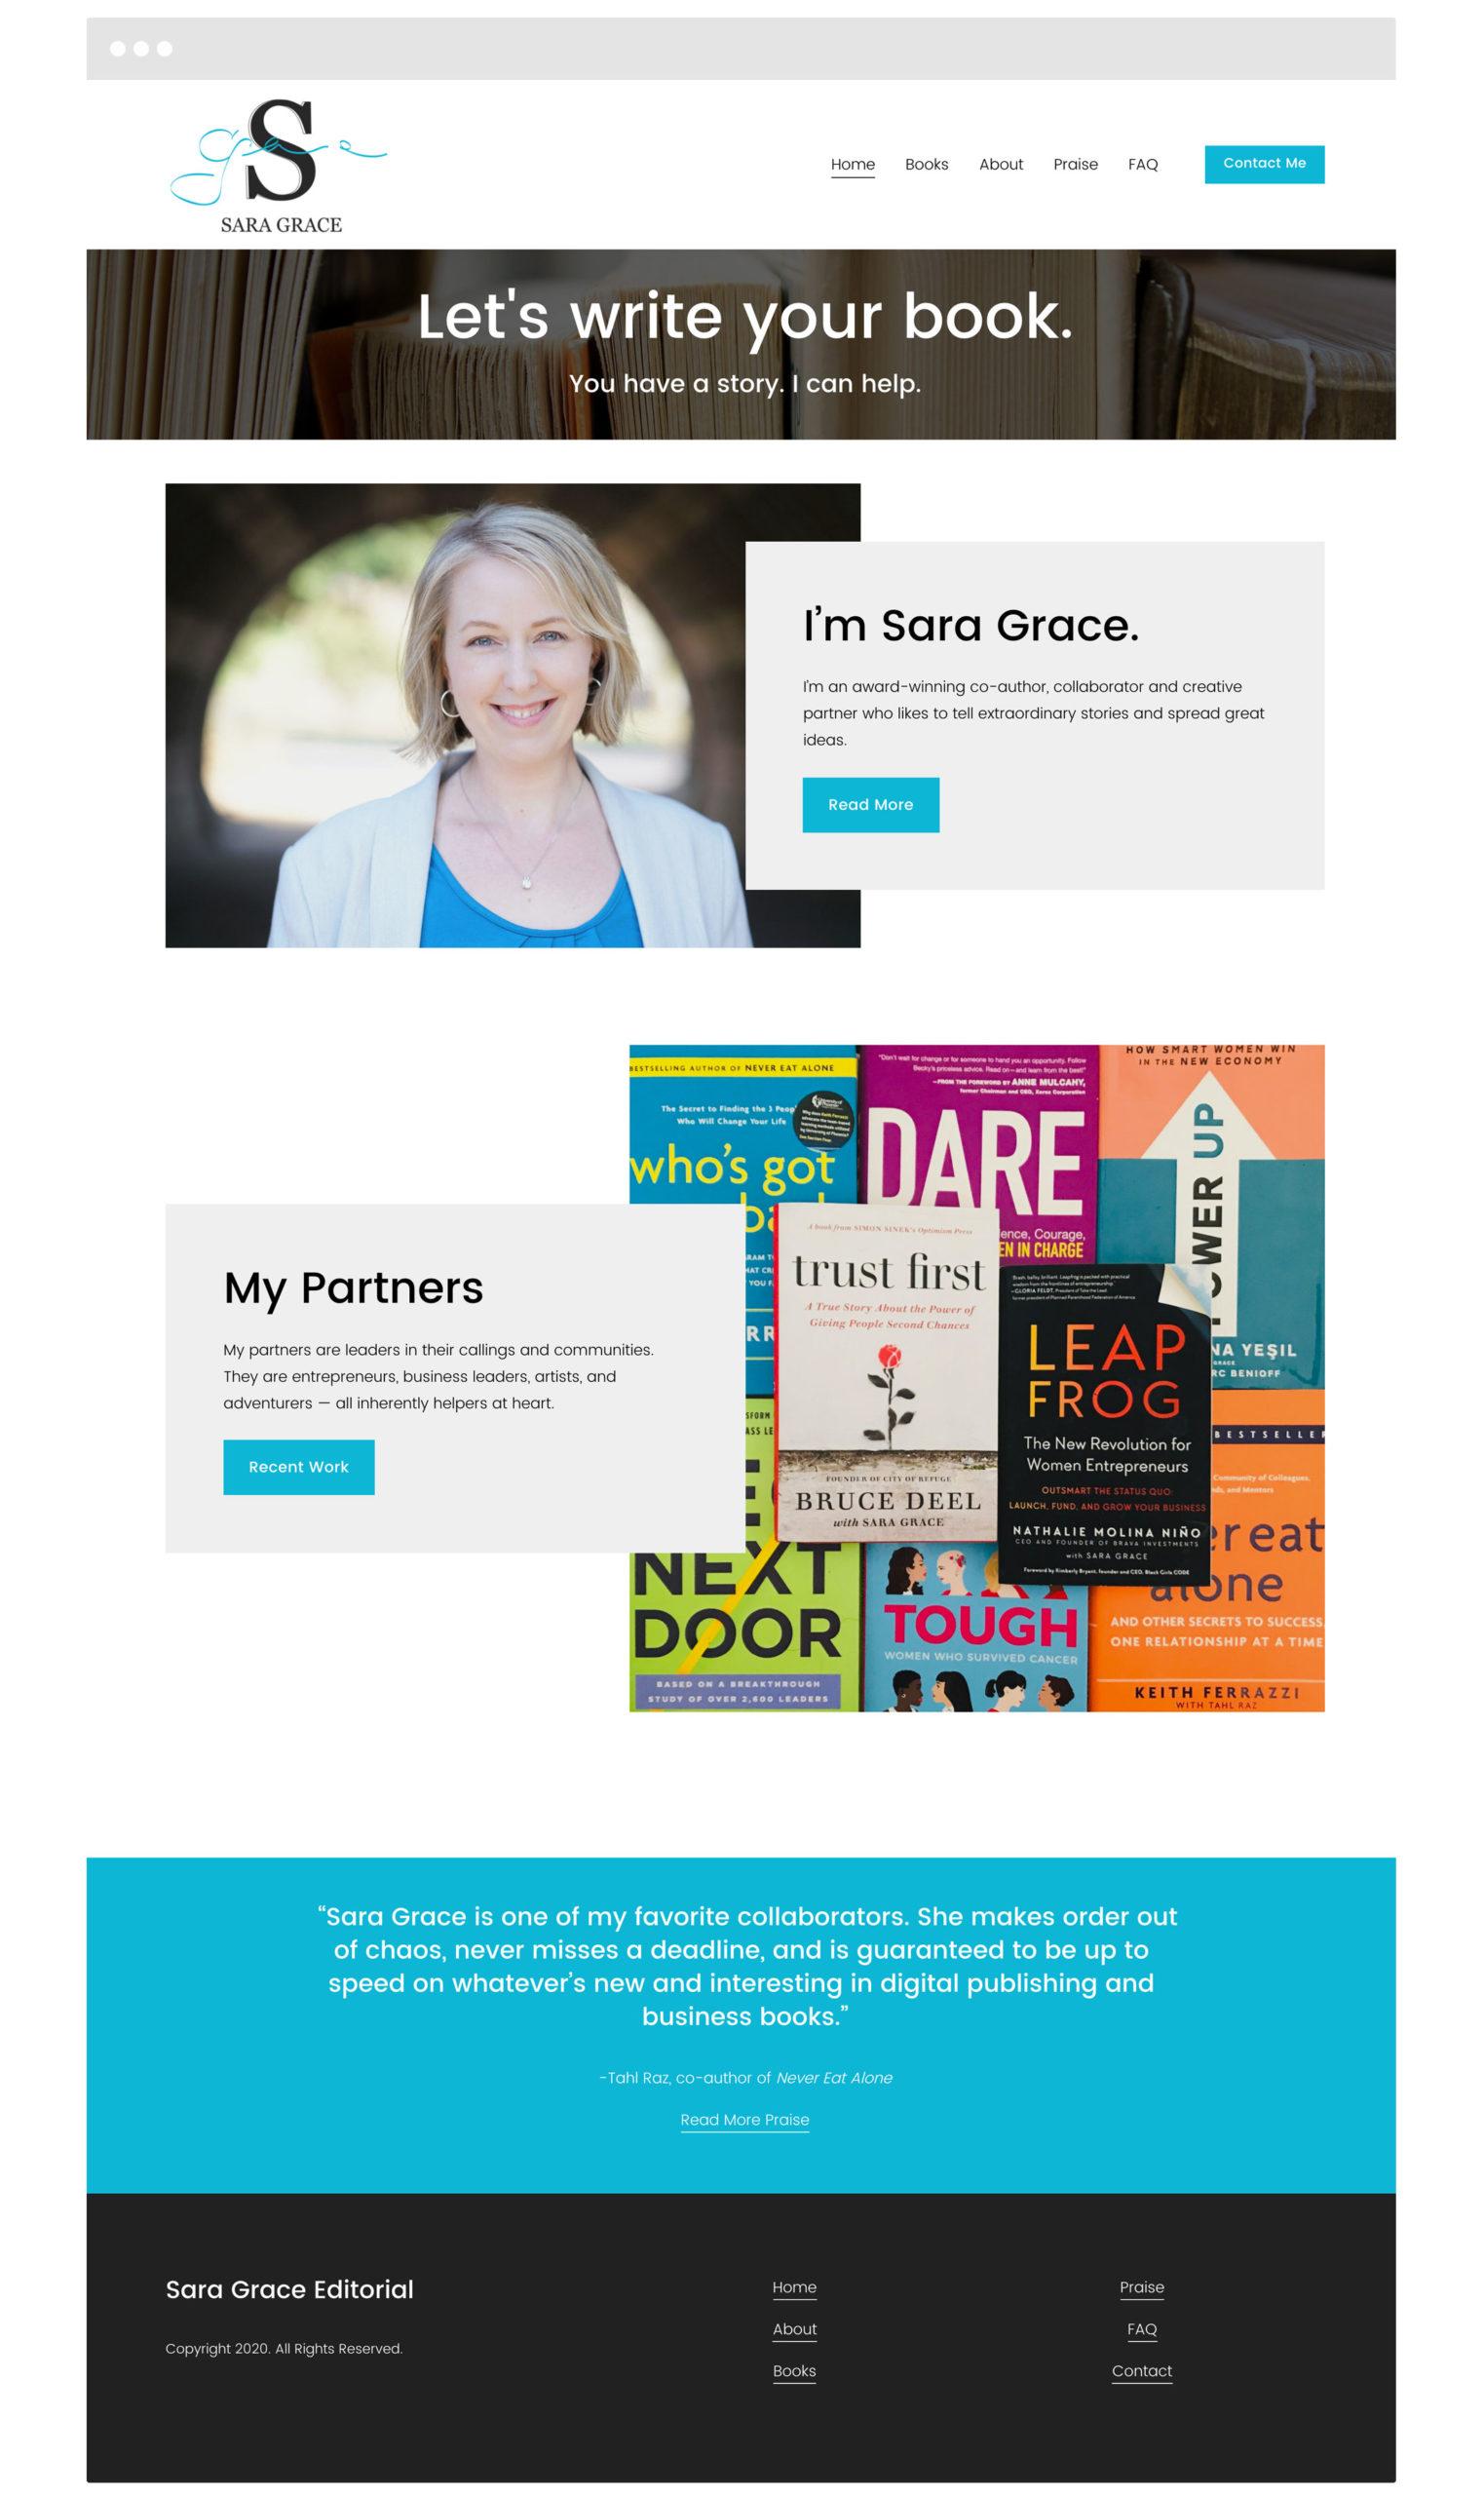 Sara Grace Squarespace Web Design - Cleveland, OH Web Design by Blaz Design